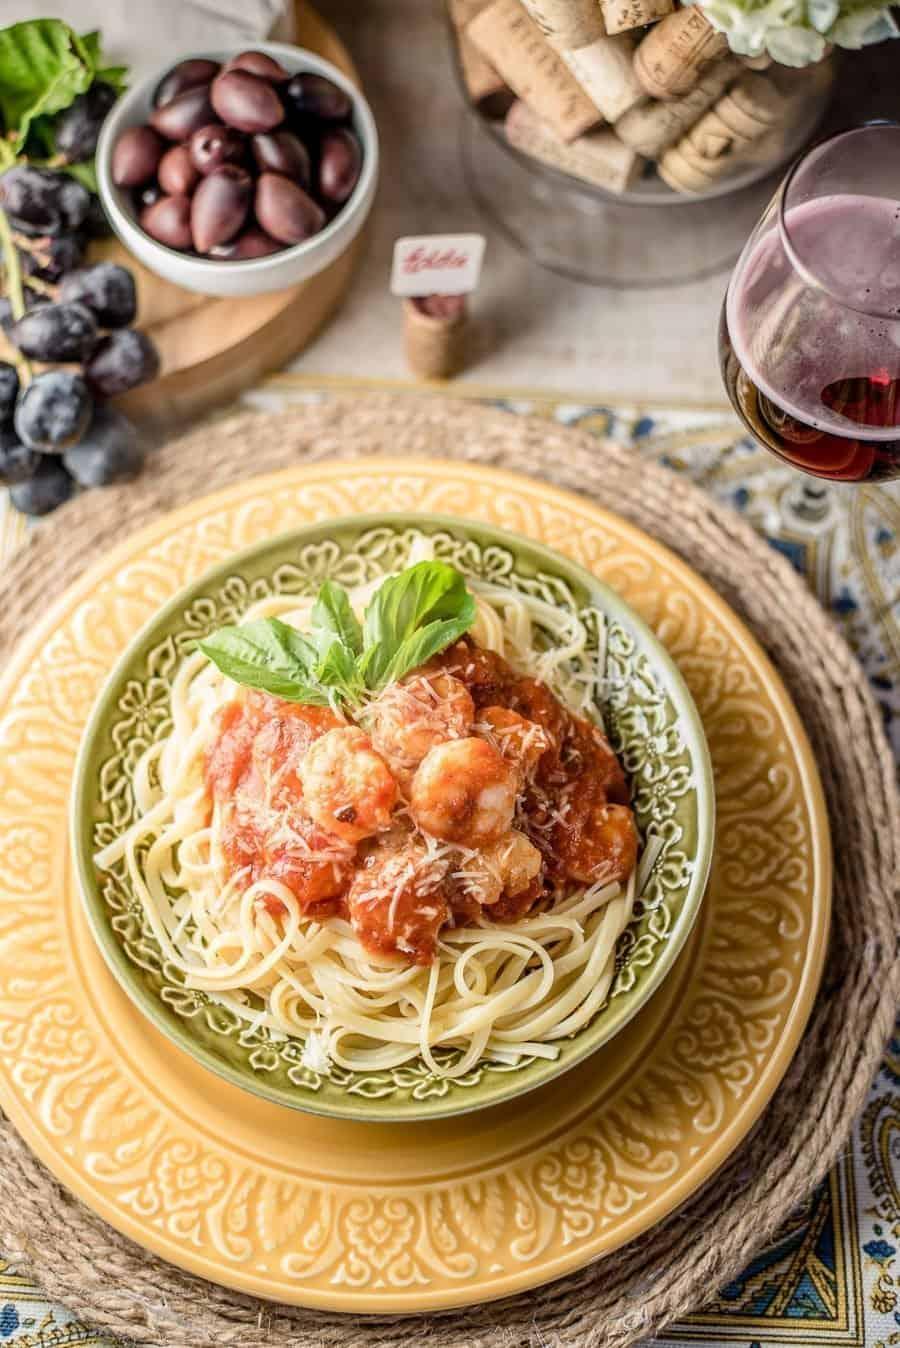 Linguine Aglio e Olio with Shrimp and Artichoke Hearts - An Alli Event